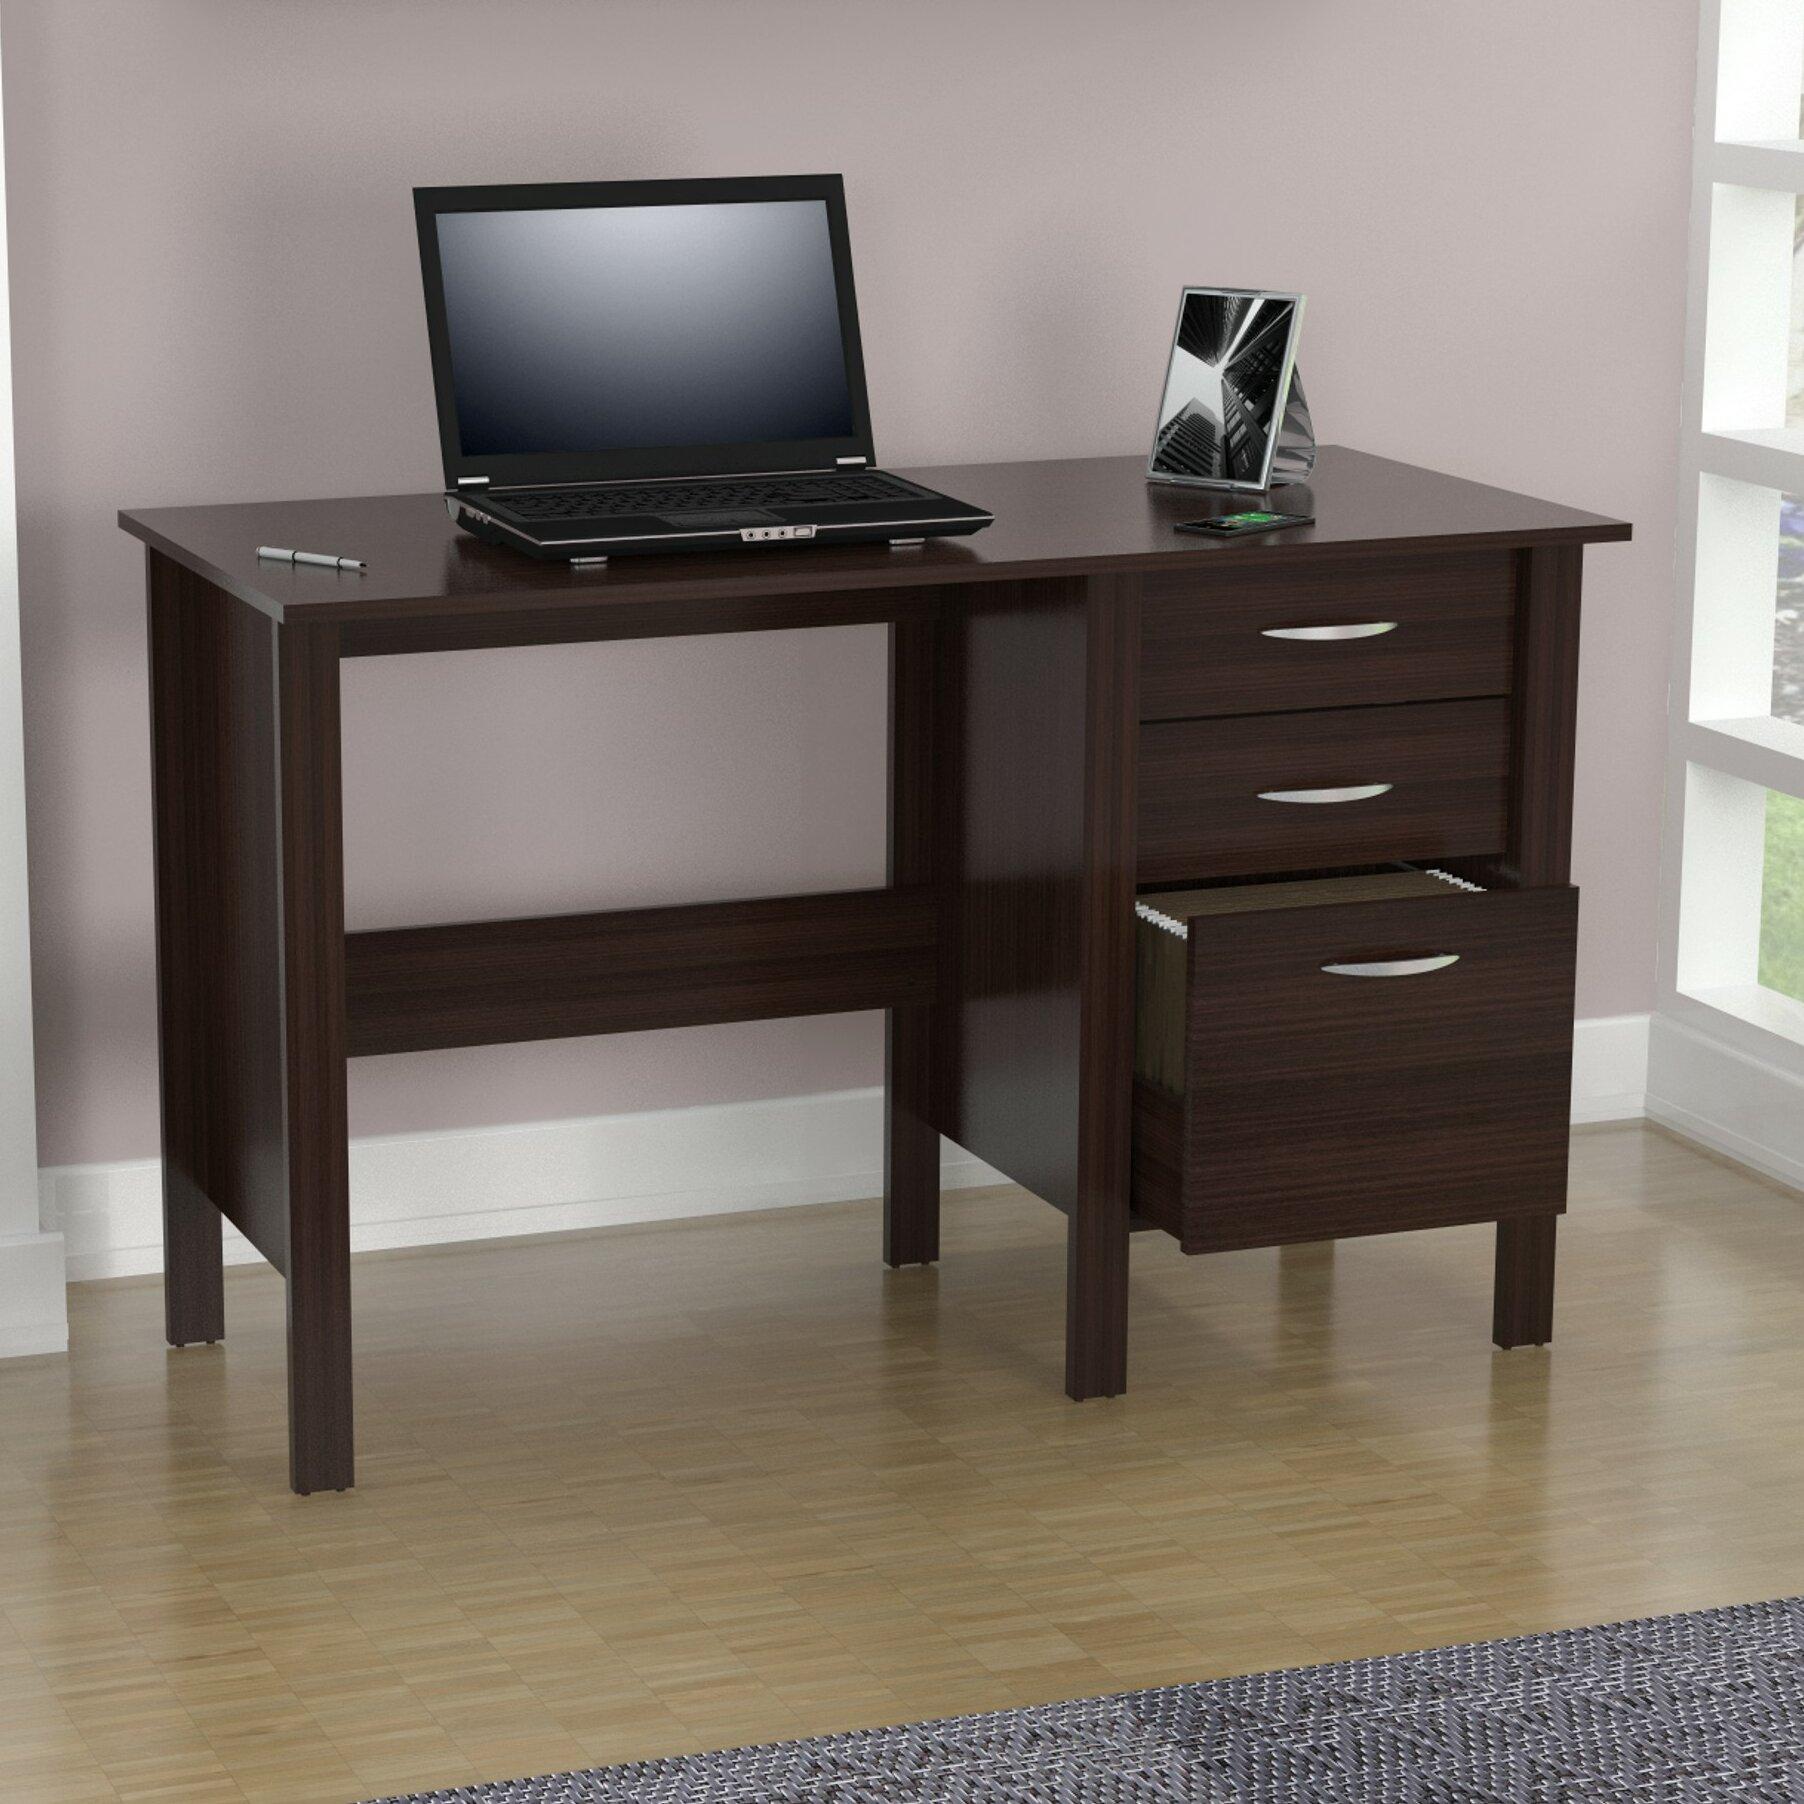 Office Desks Norwich Trend Yvotubecom - Office chairs norwich